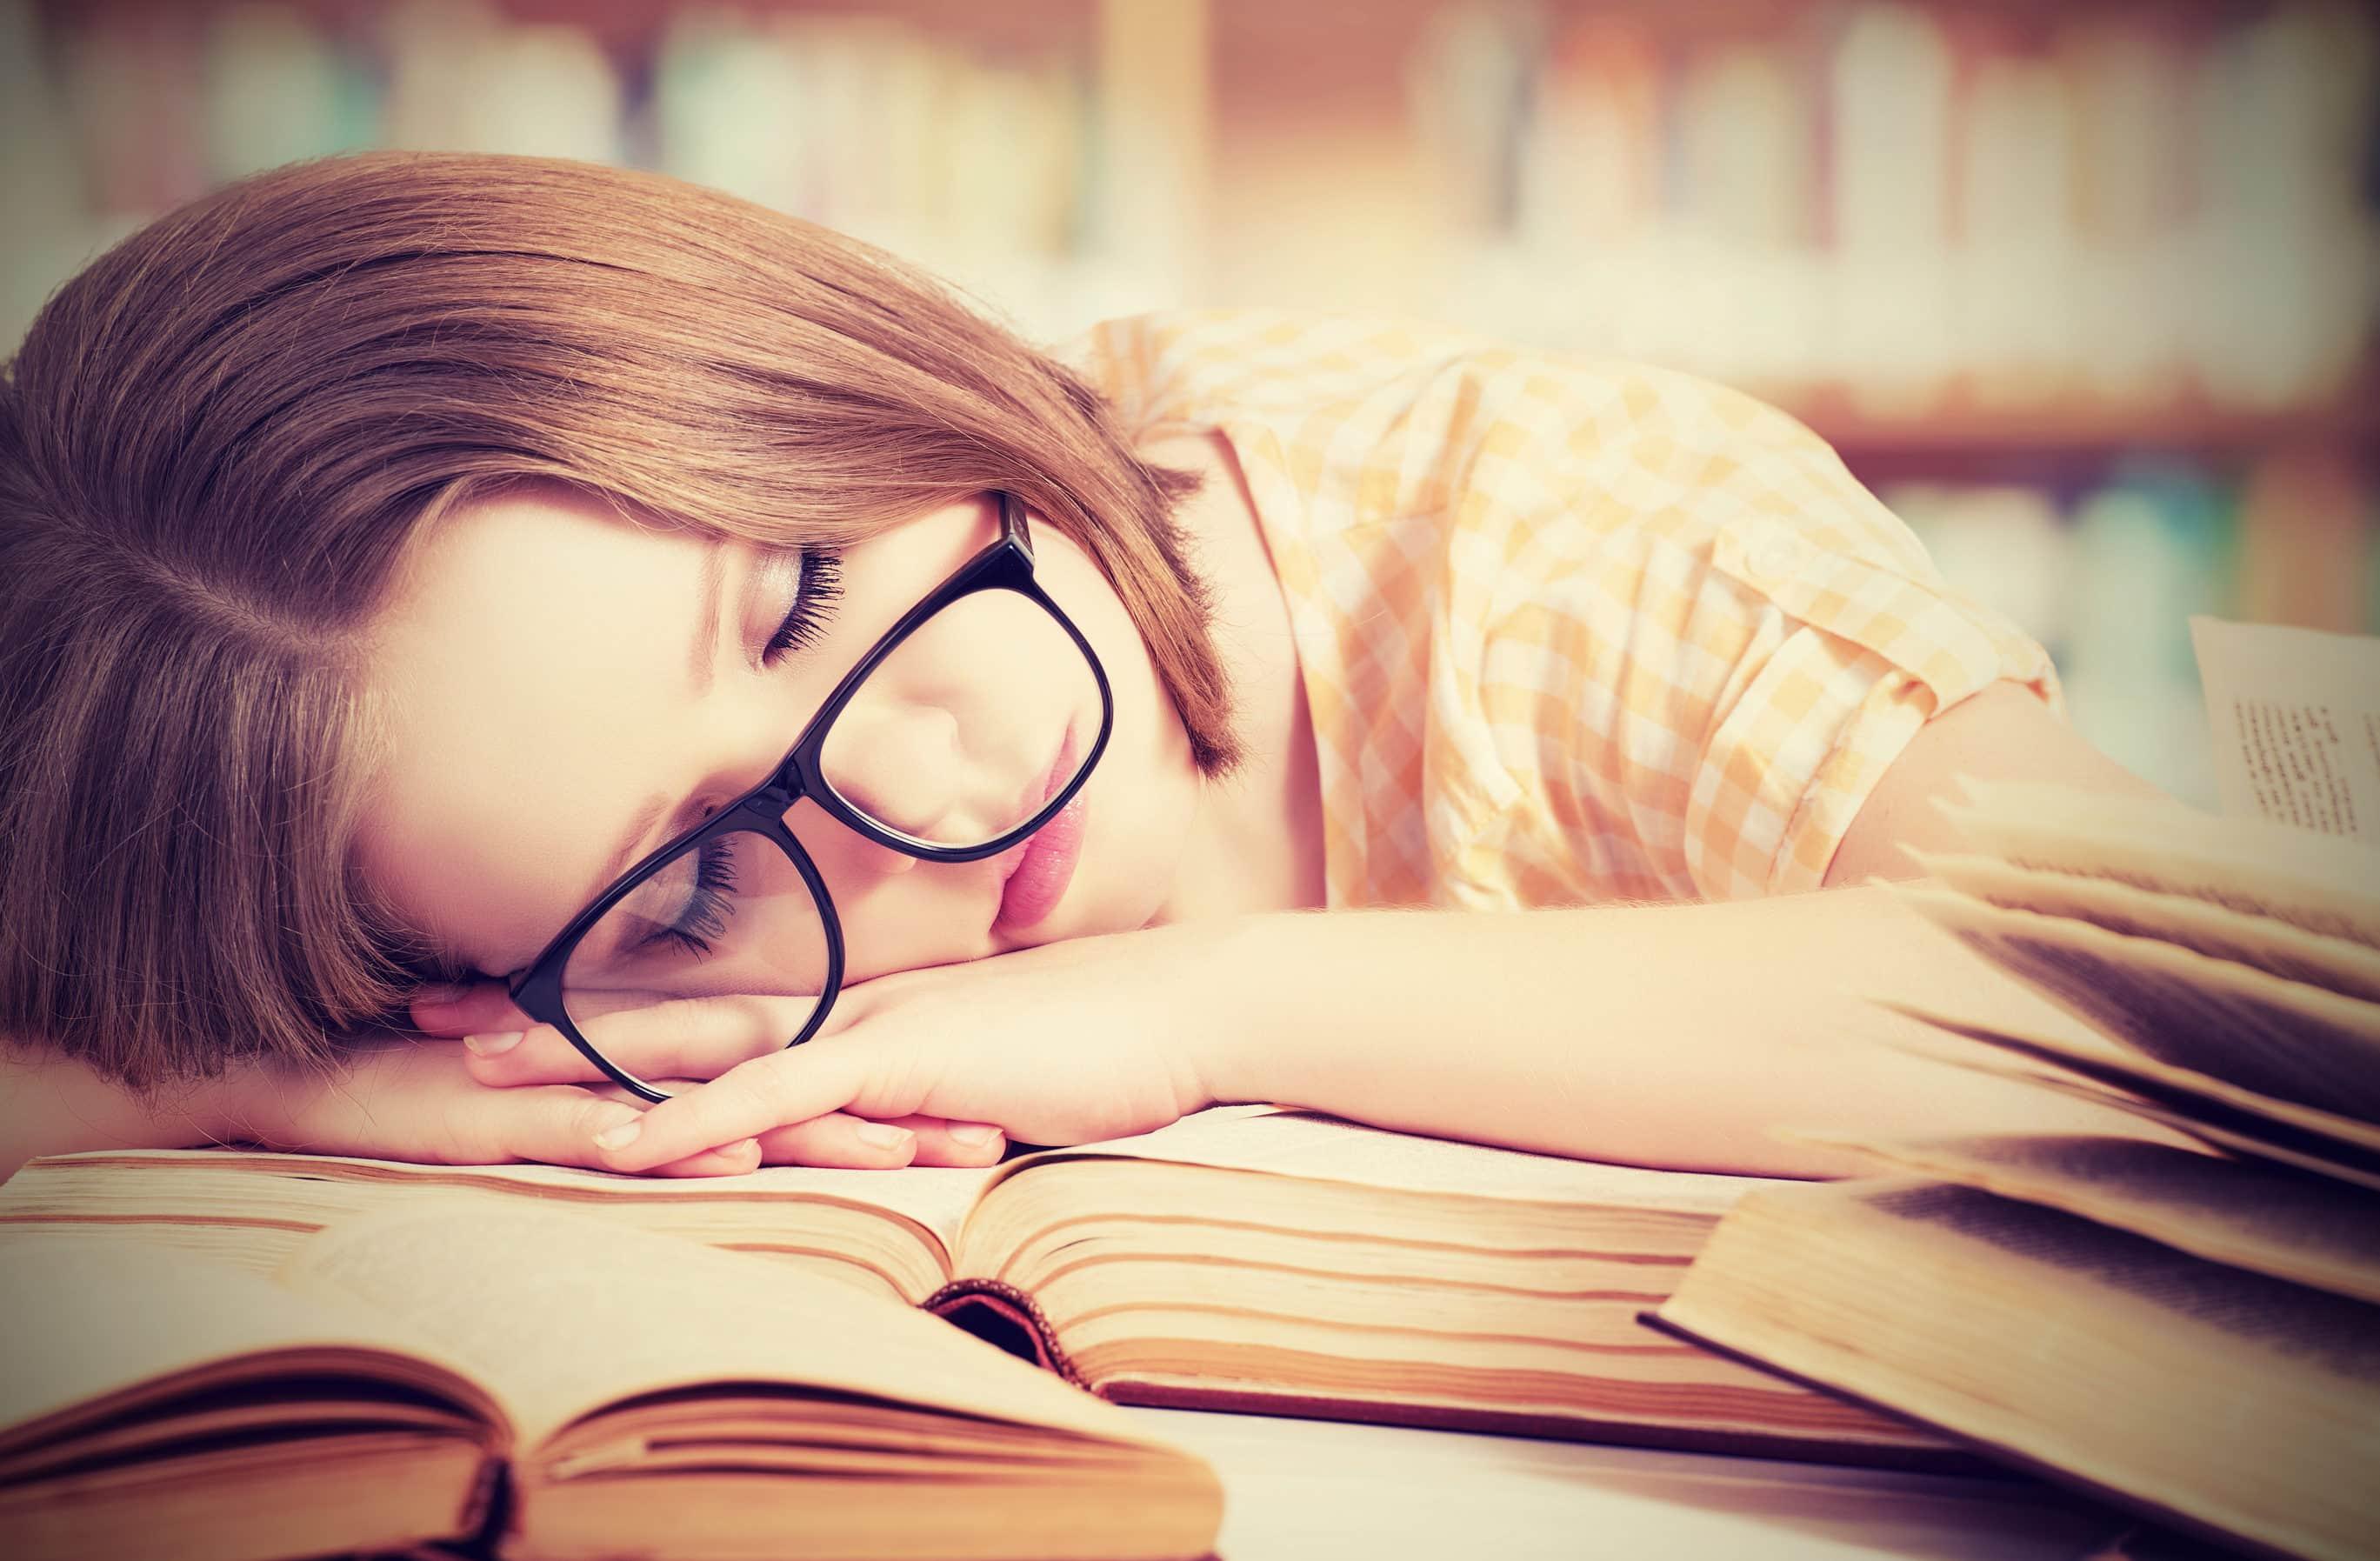 Почему после тяжелой умственной работы человек чувствует физическую усталость?